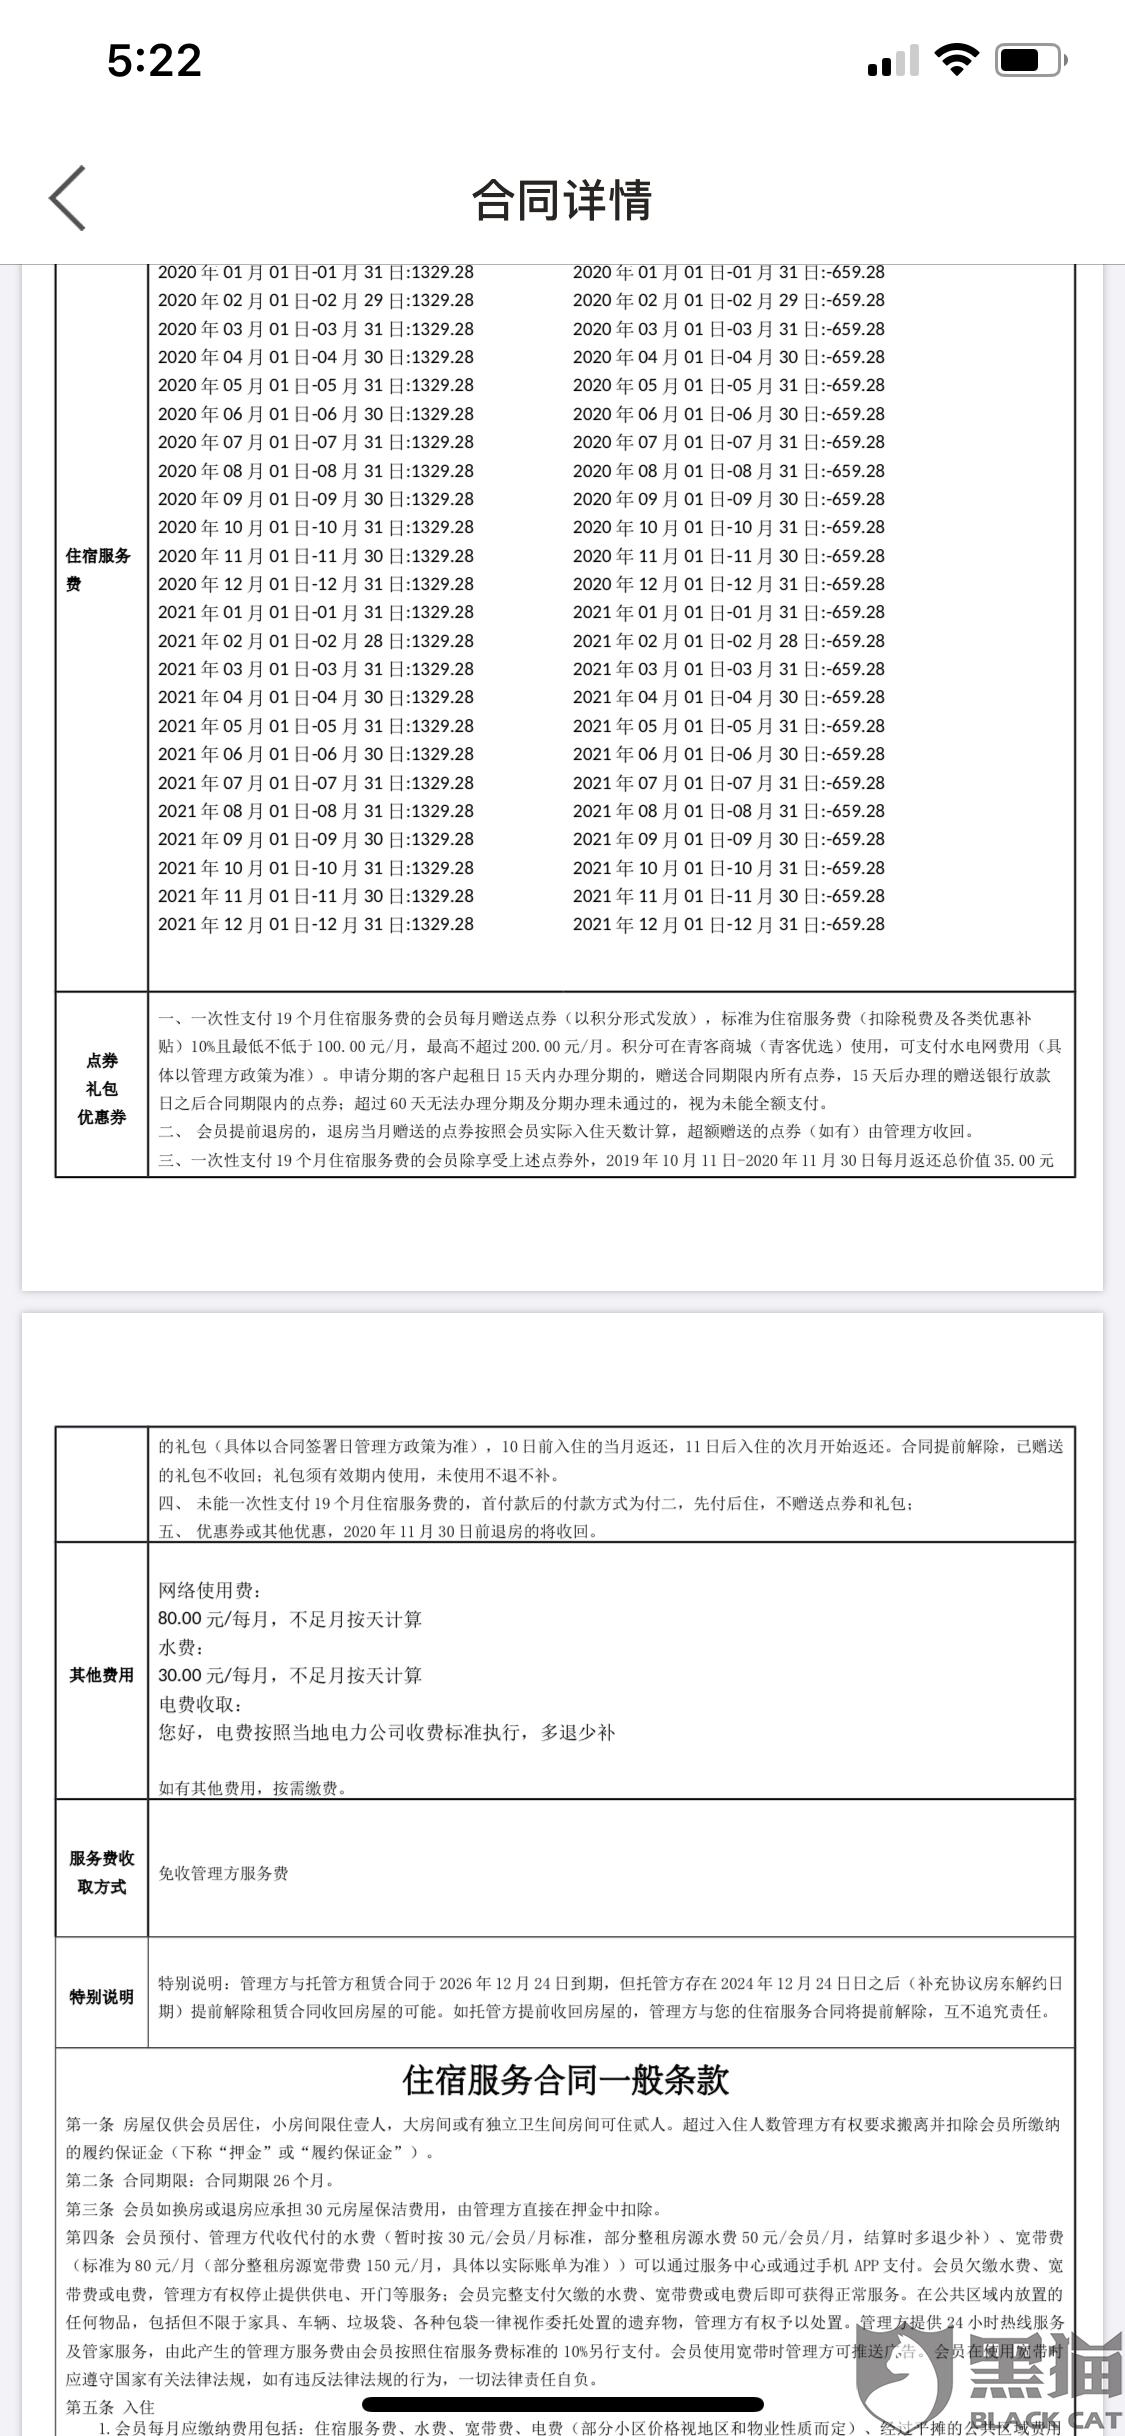 黑猫投诉:杭州青客公寓违约不付房东租金,且态度恶劣